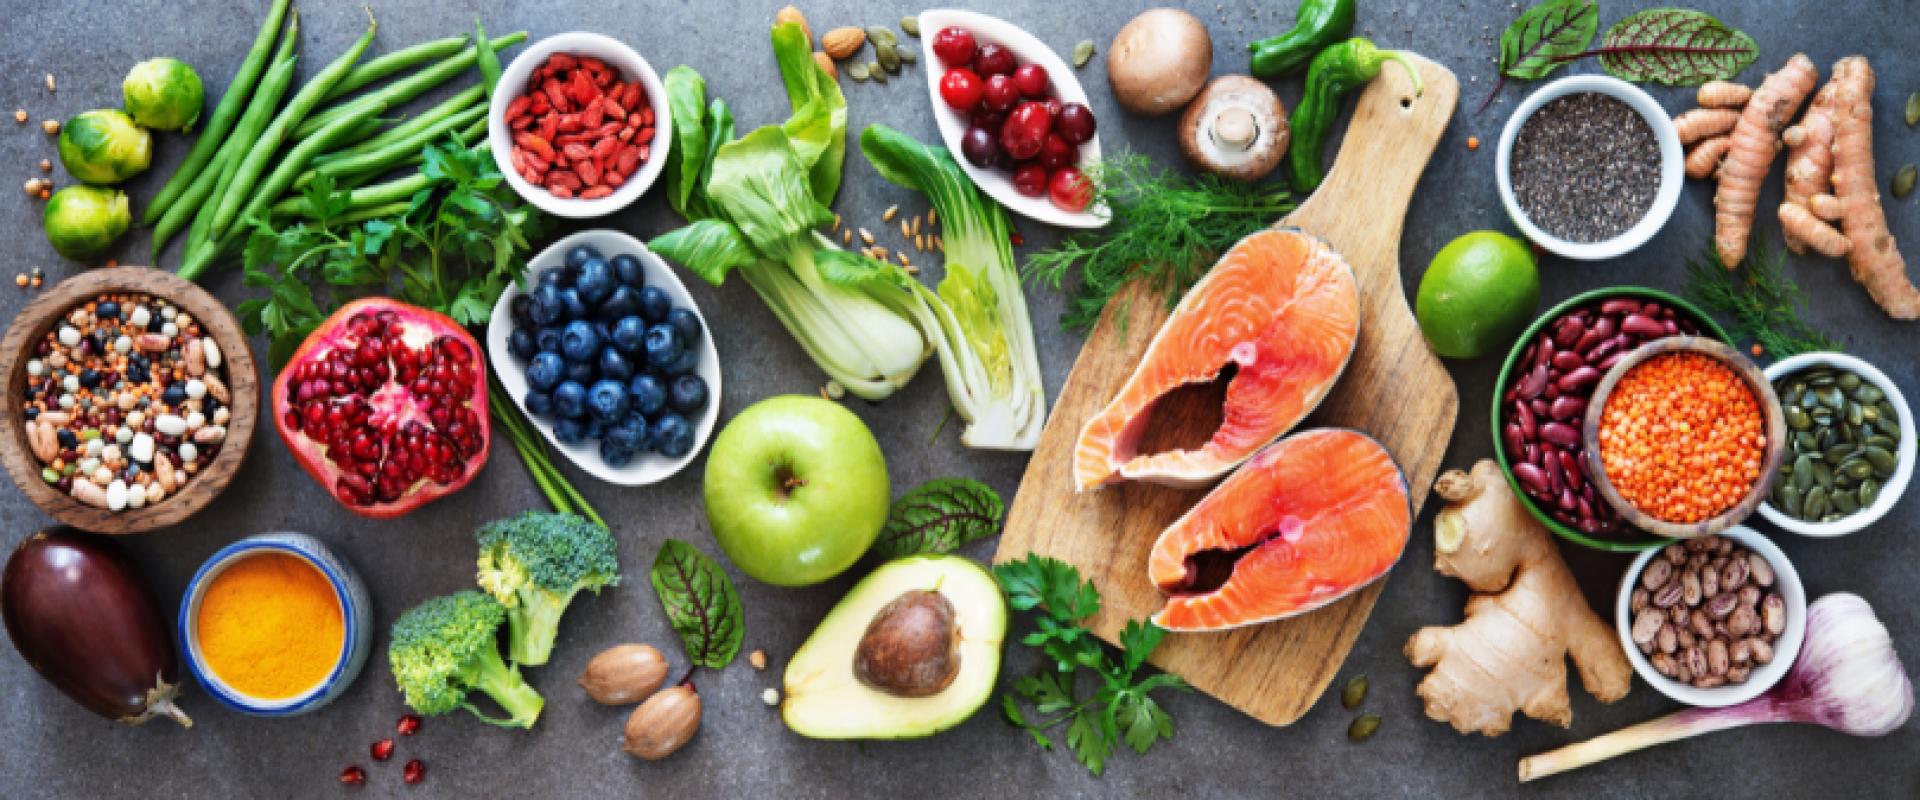 7 razões para começar a se alimentar melhor